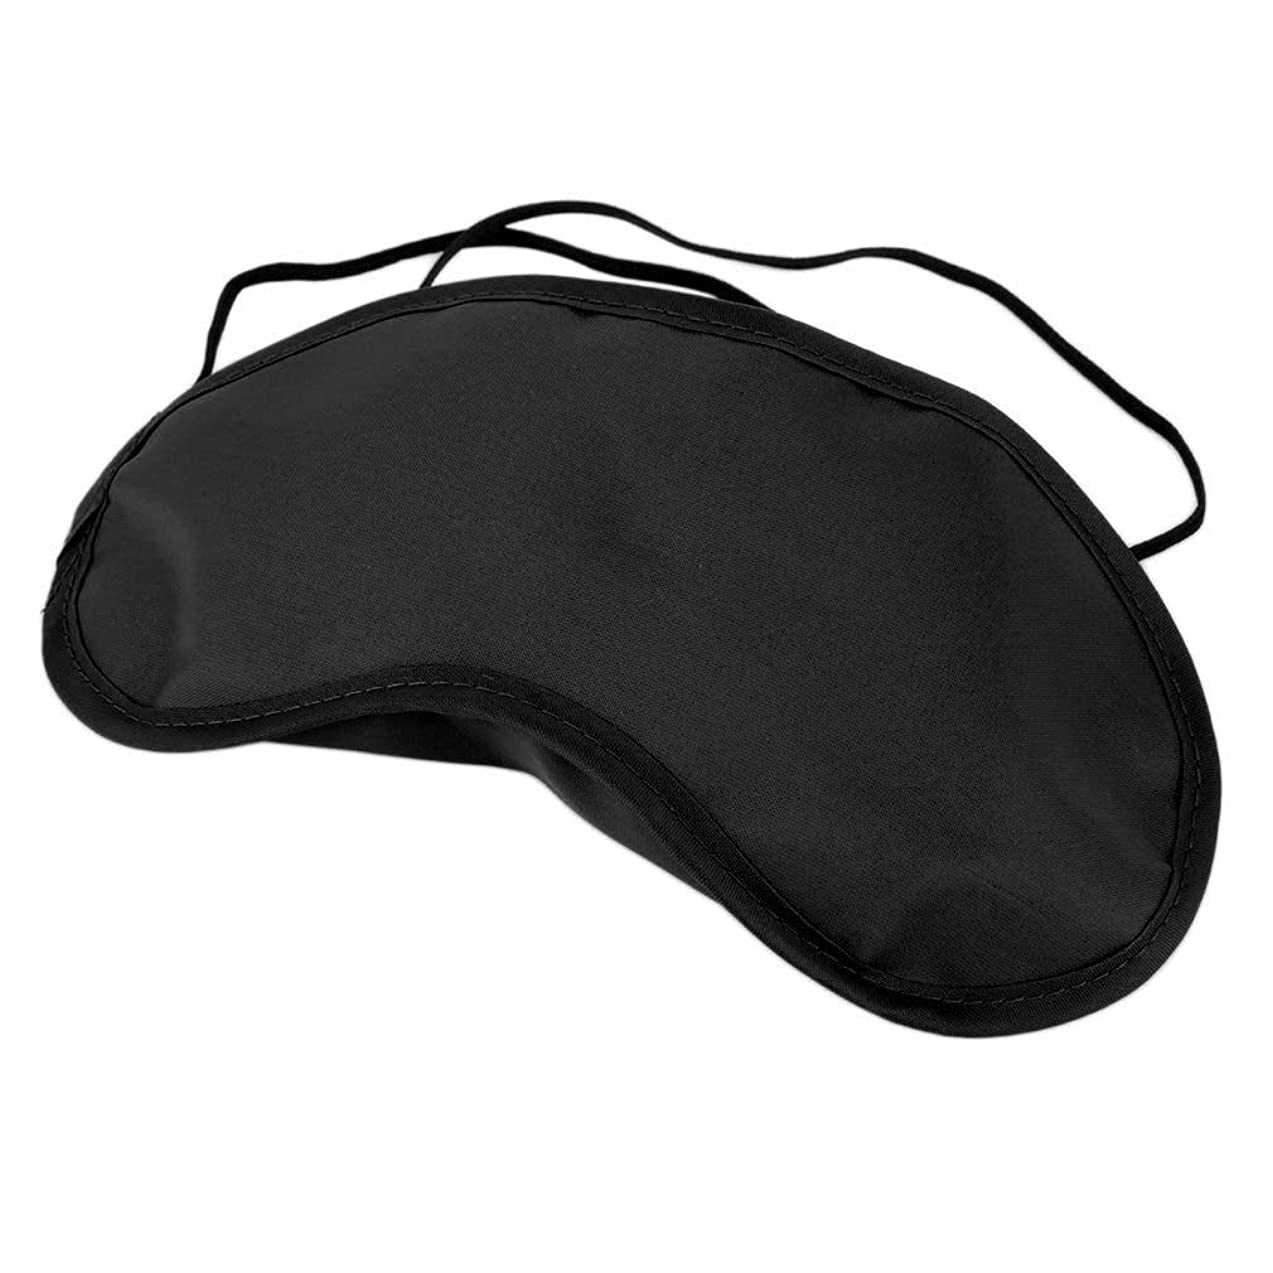 幸運アニメーションめるNOTE 新しい1ピース旅行アイシェード睡眠アイマスクアイカバーアイパッチ目隠し黒用男性女性寝具